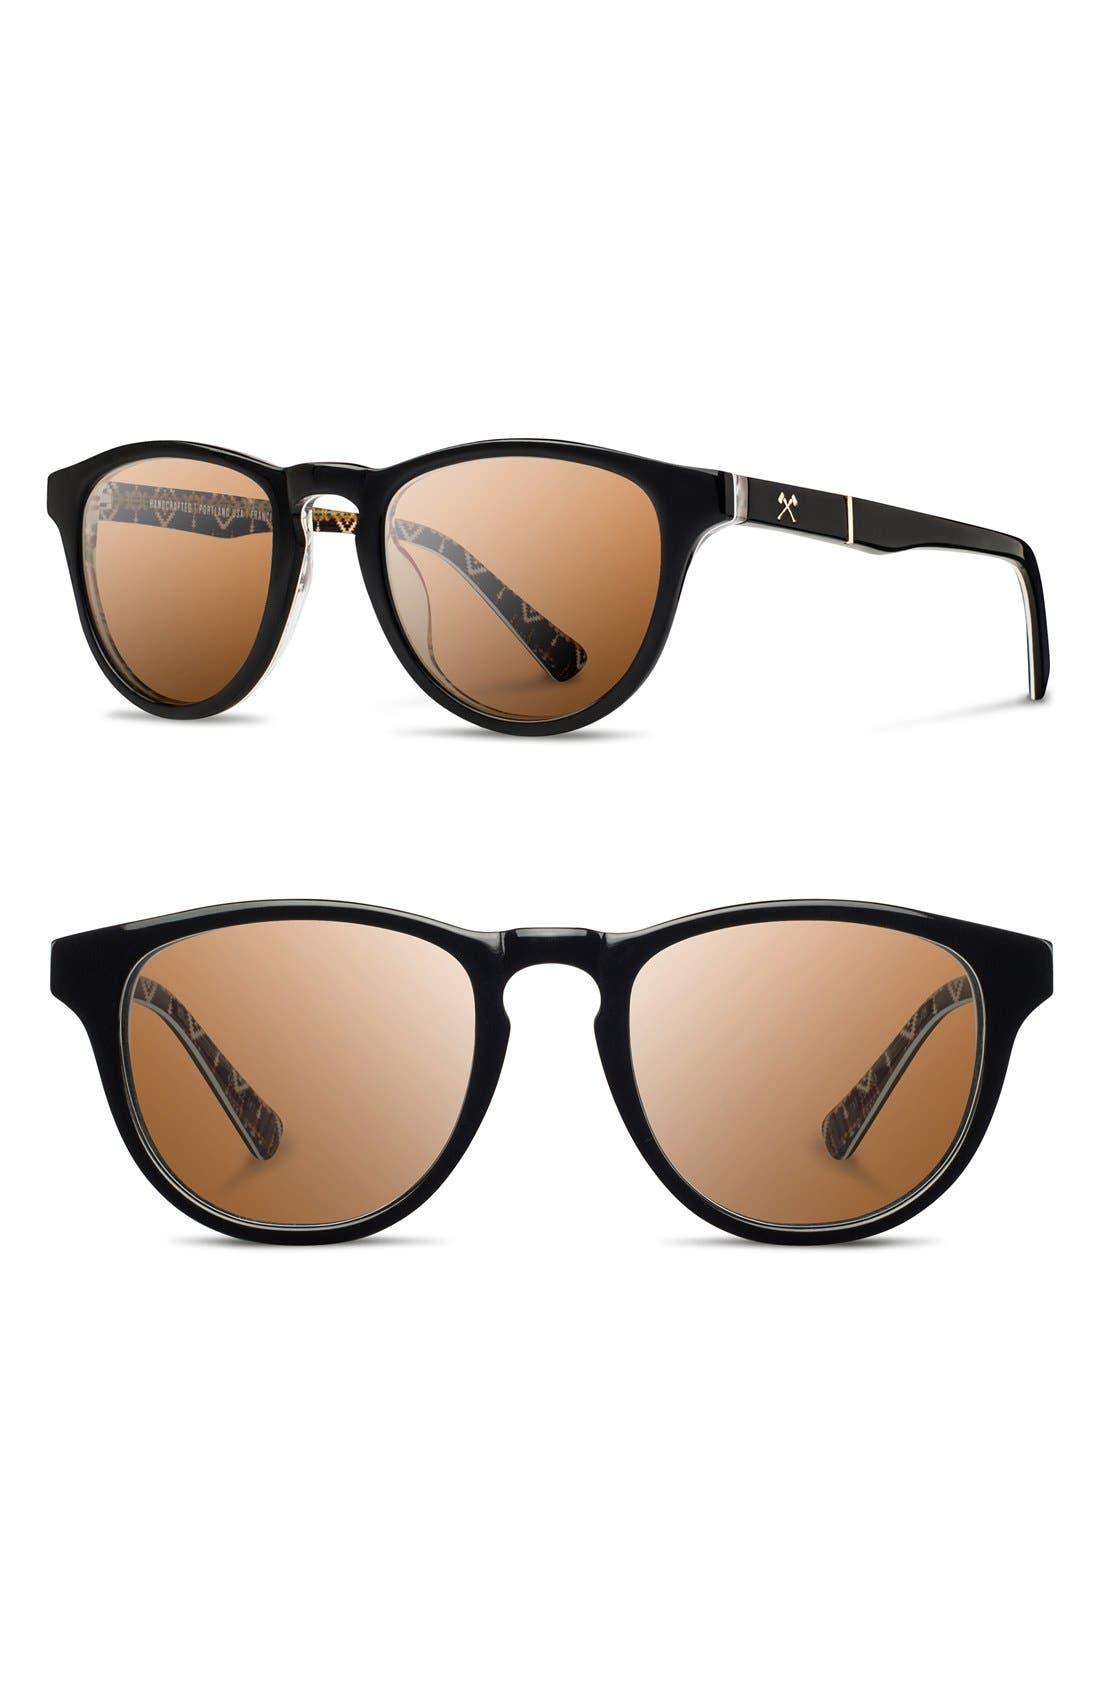 'Francis - Pendleton' 48mm Polarized Sunglasses,                             Main thumbnail 1, color,                             001